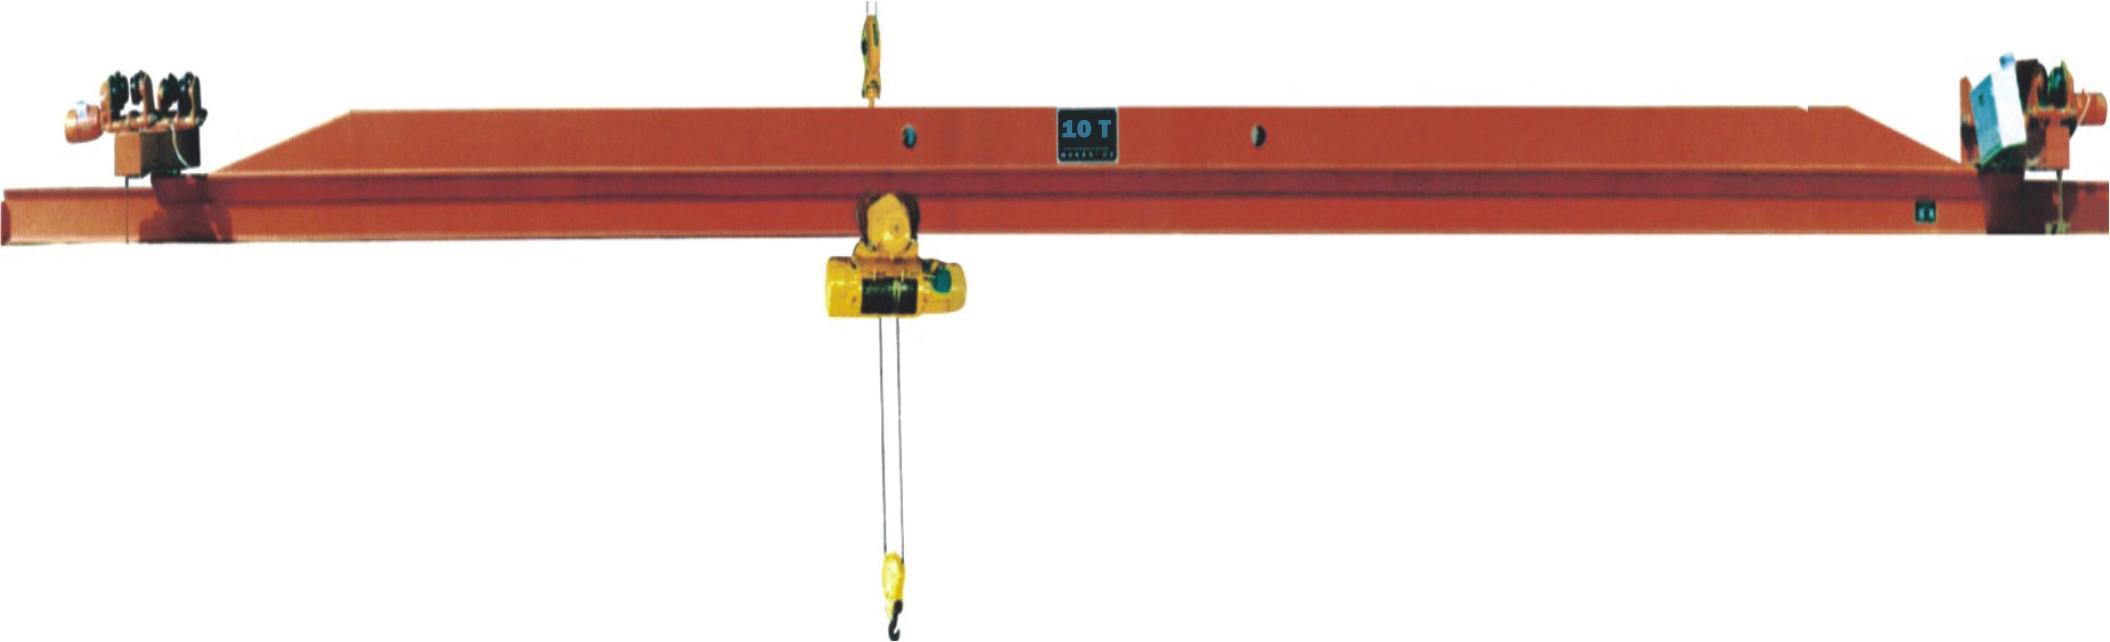 龙门吊多少钱_5吨龙门吊相关-河南省矿山起重机有限公司